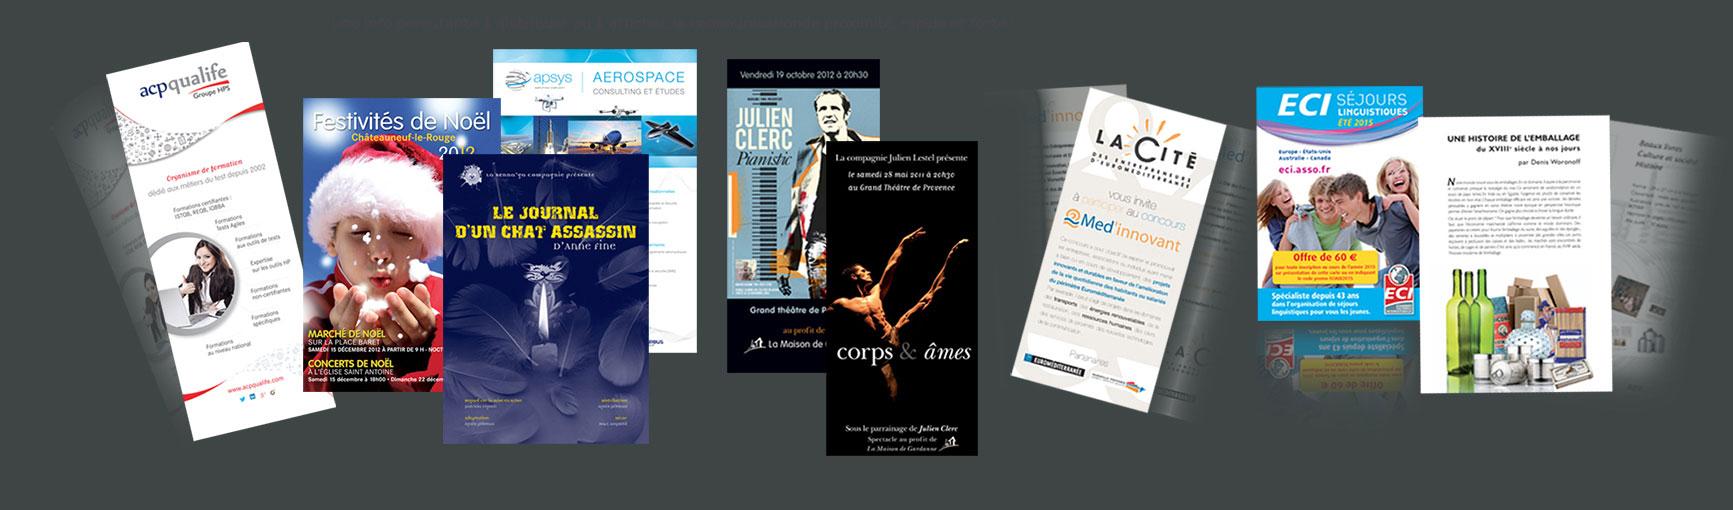 création et impression d'affiches de flyers publicité a aix en provence et autour